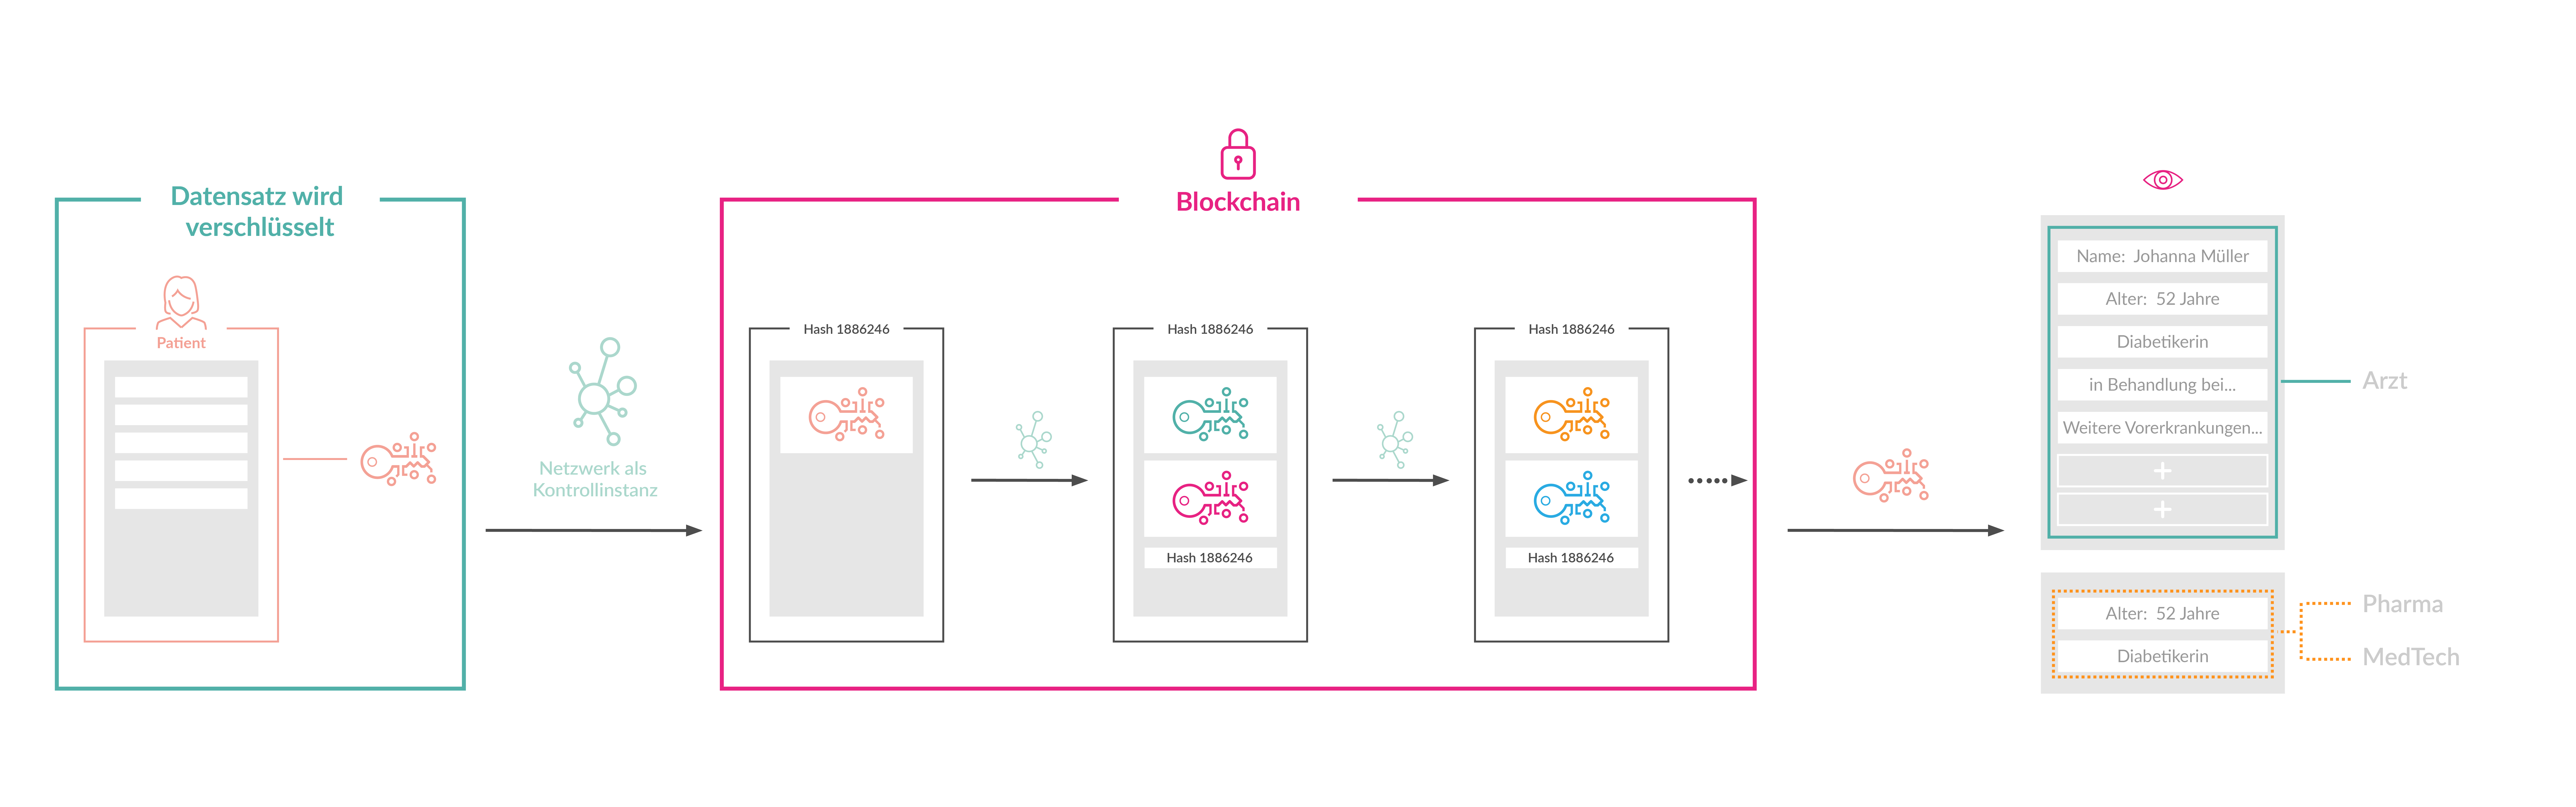 Ein Schaubild, das aufzeigt, wie die Daten über die Blockchain verschlüsselt und weitergeleitet werden